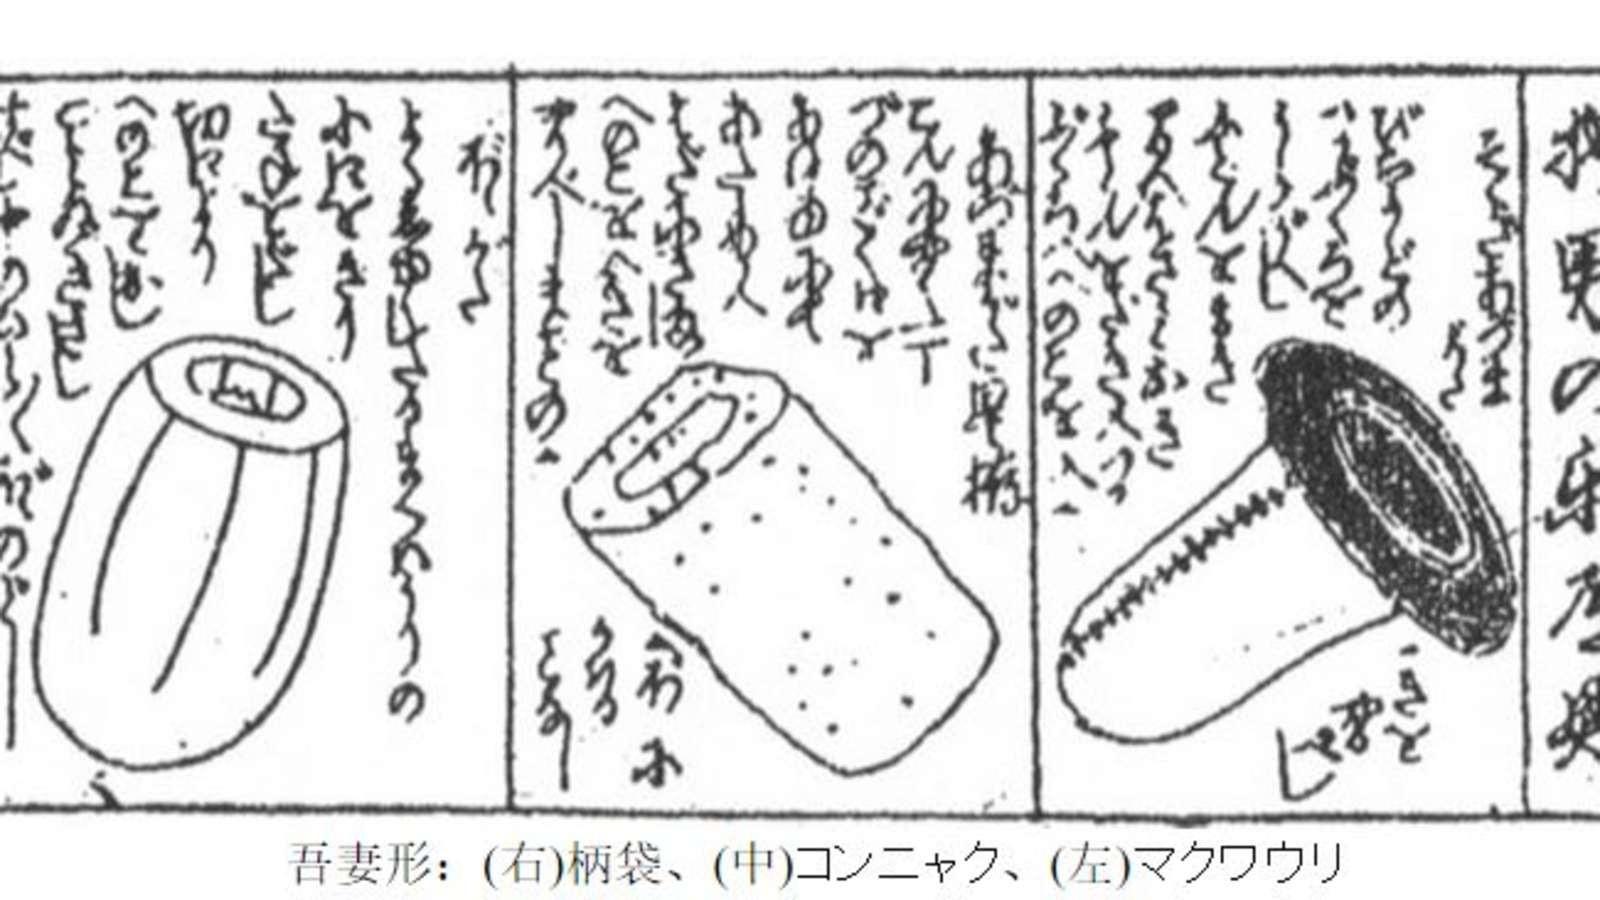 大檸檬用圖(圖/翻攝自kan-nai.net)